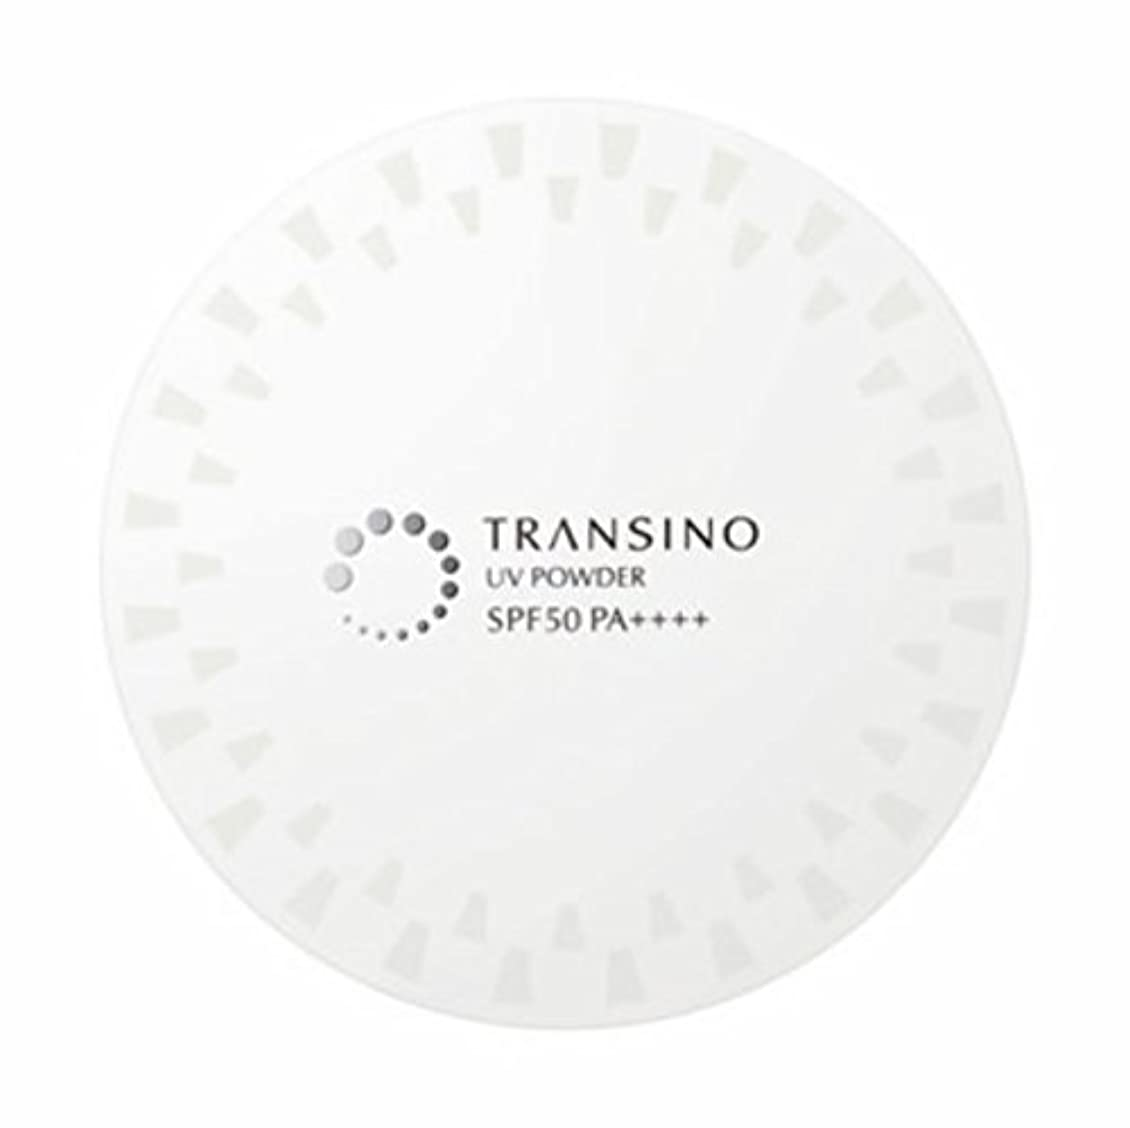 トランシーノ 薬用UVパウダー 12g SPF50?PA++++ [並行輸入品]